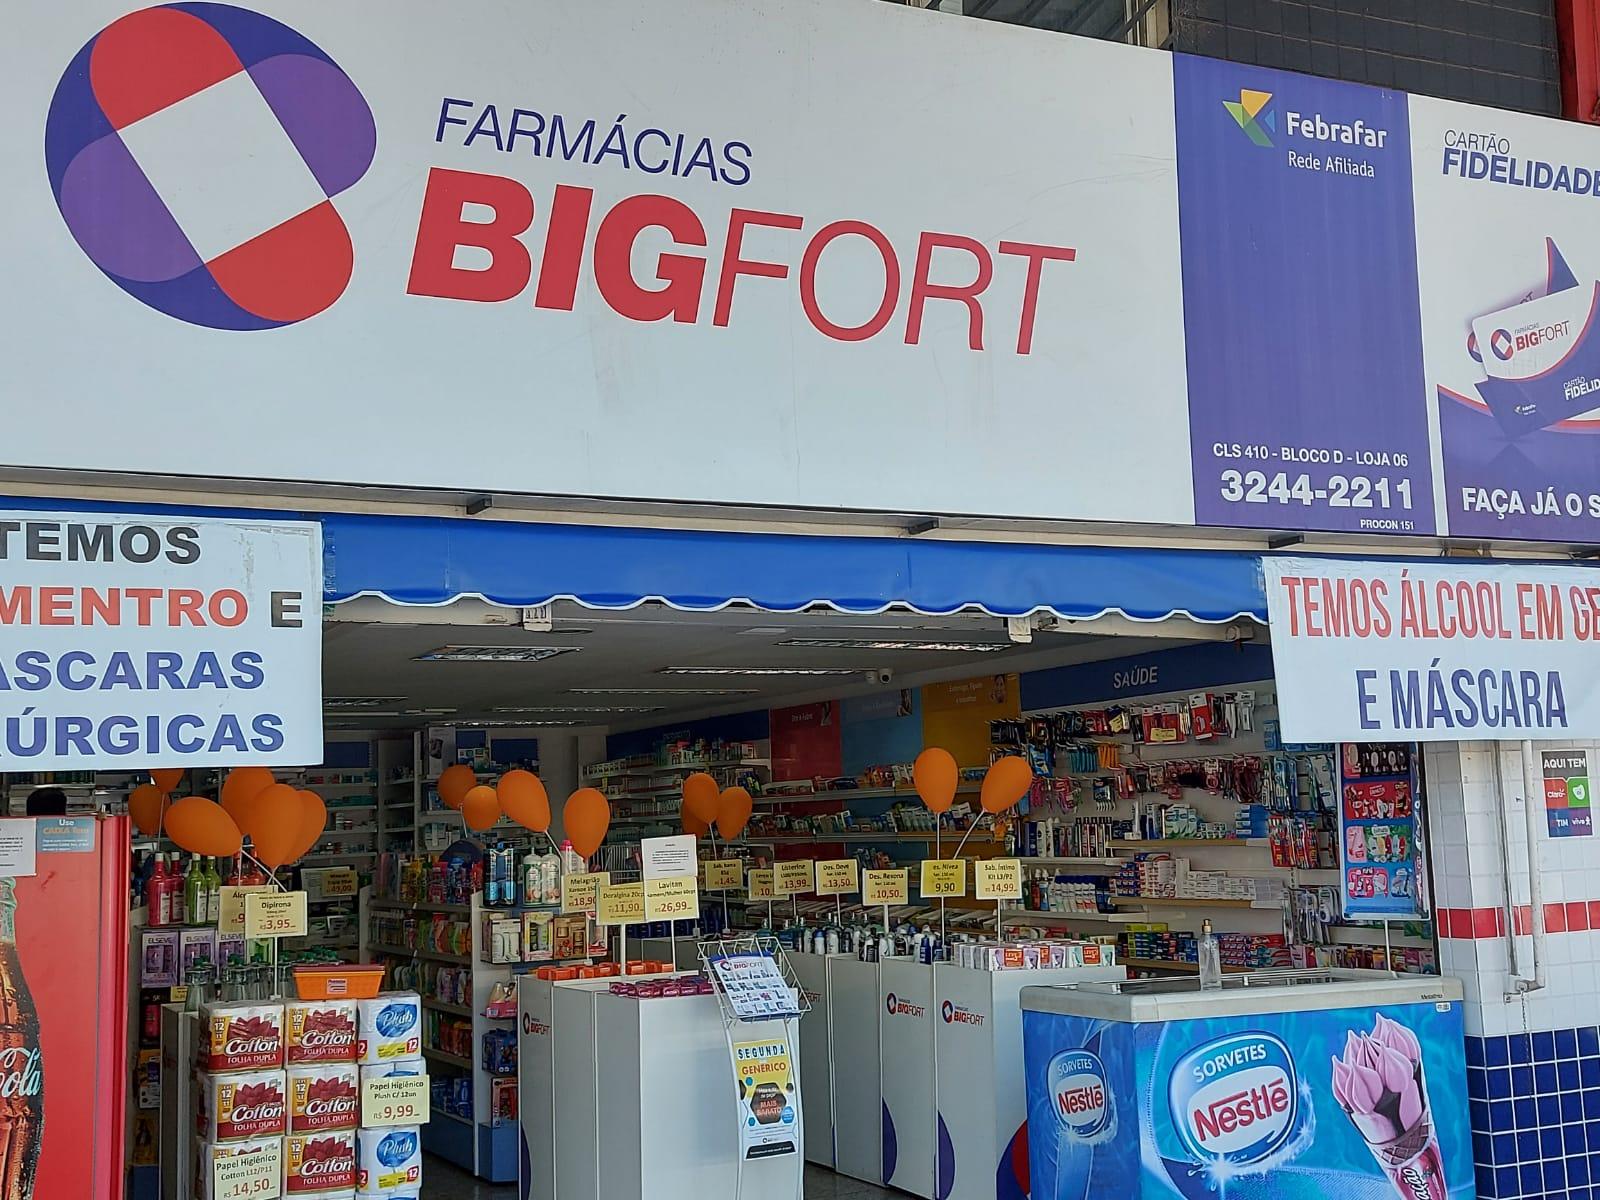 Farmácias BigFort Quadra 410 Sul, Bloco D, Asa Sul, Comércio Brasília